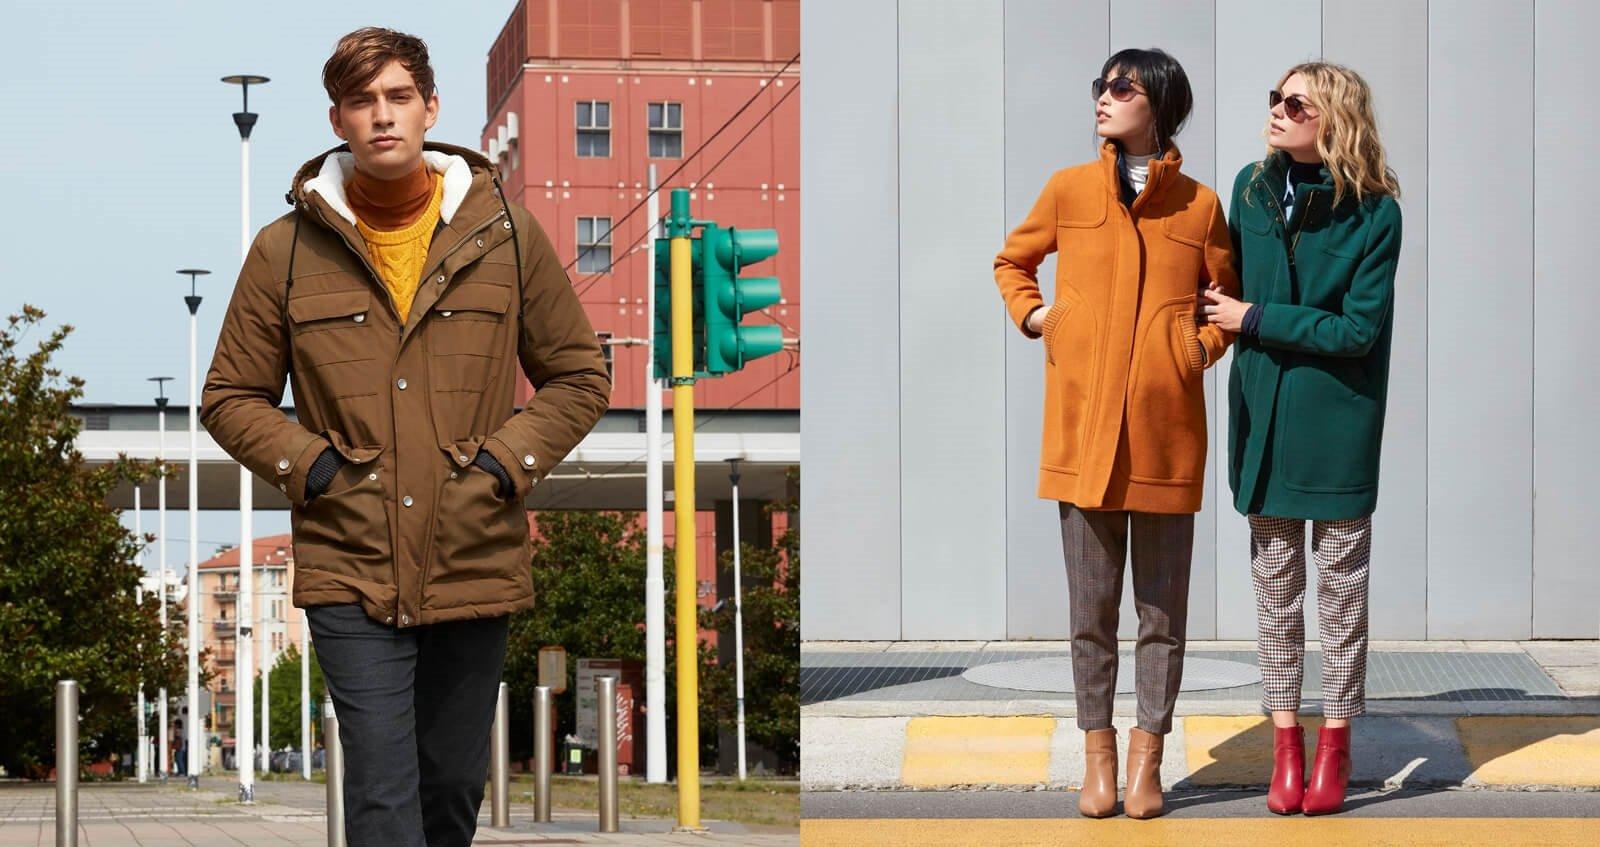 از رنگها نترسید؛ ترکیببندی رنگها در لباسهای پاییزی و زمستانی خانمها